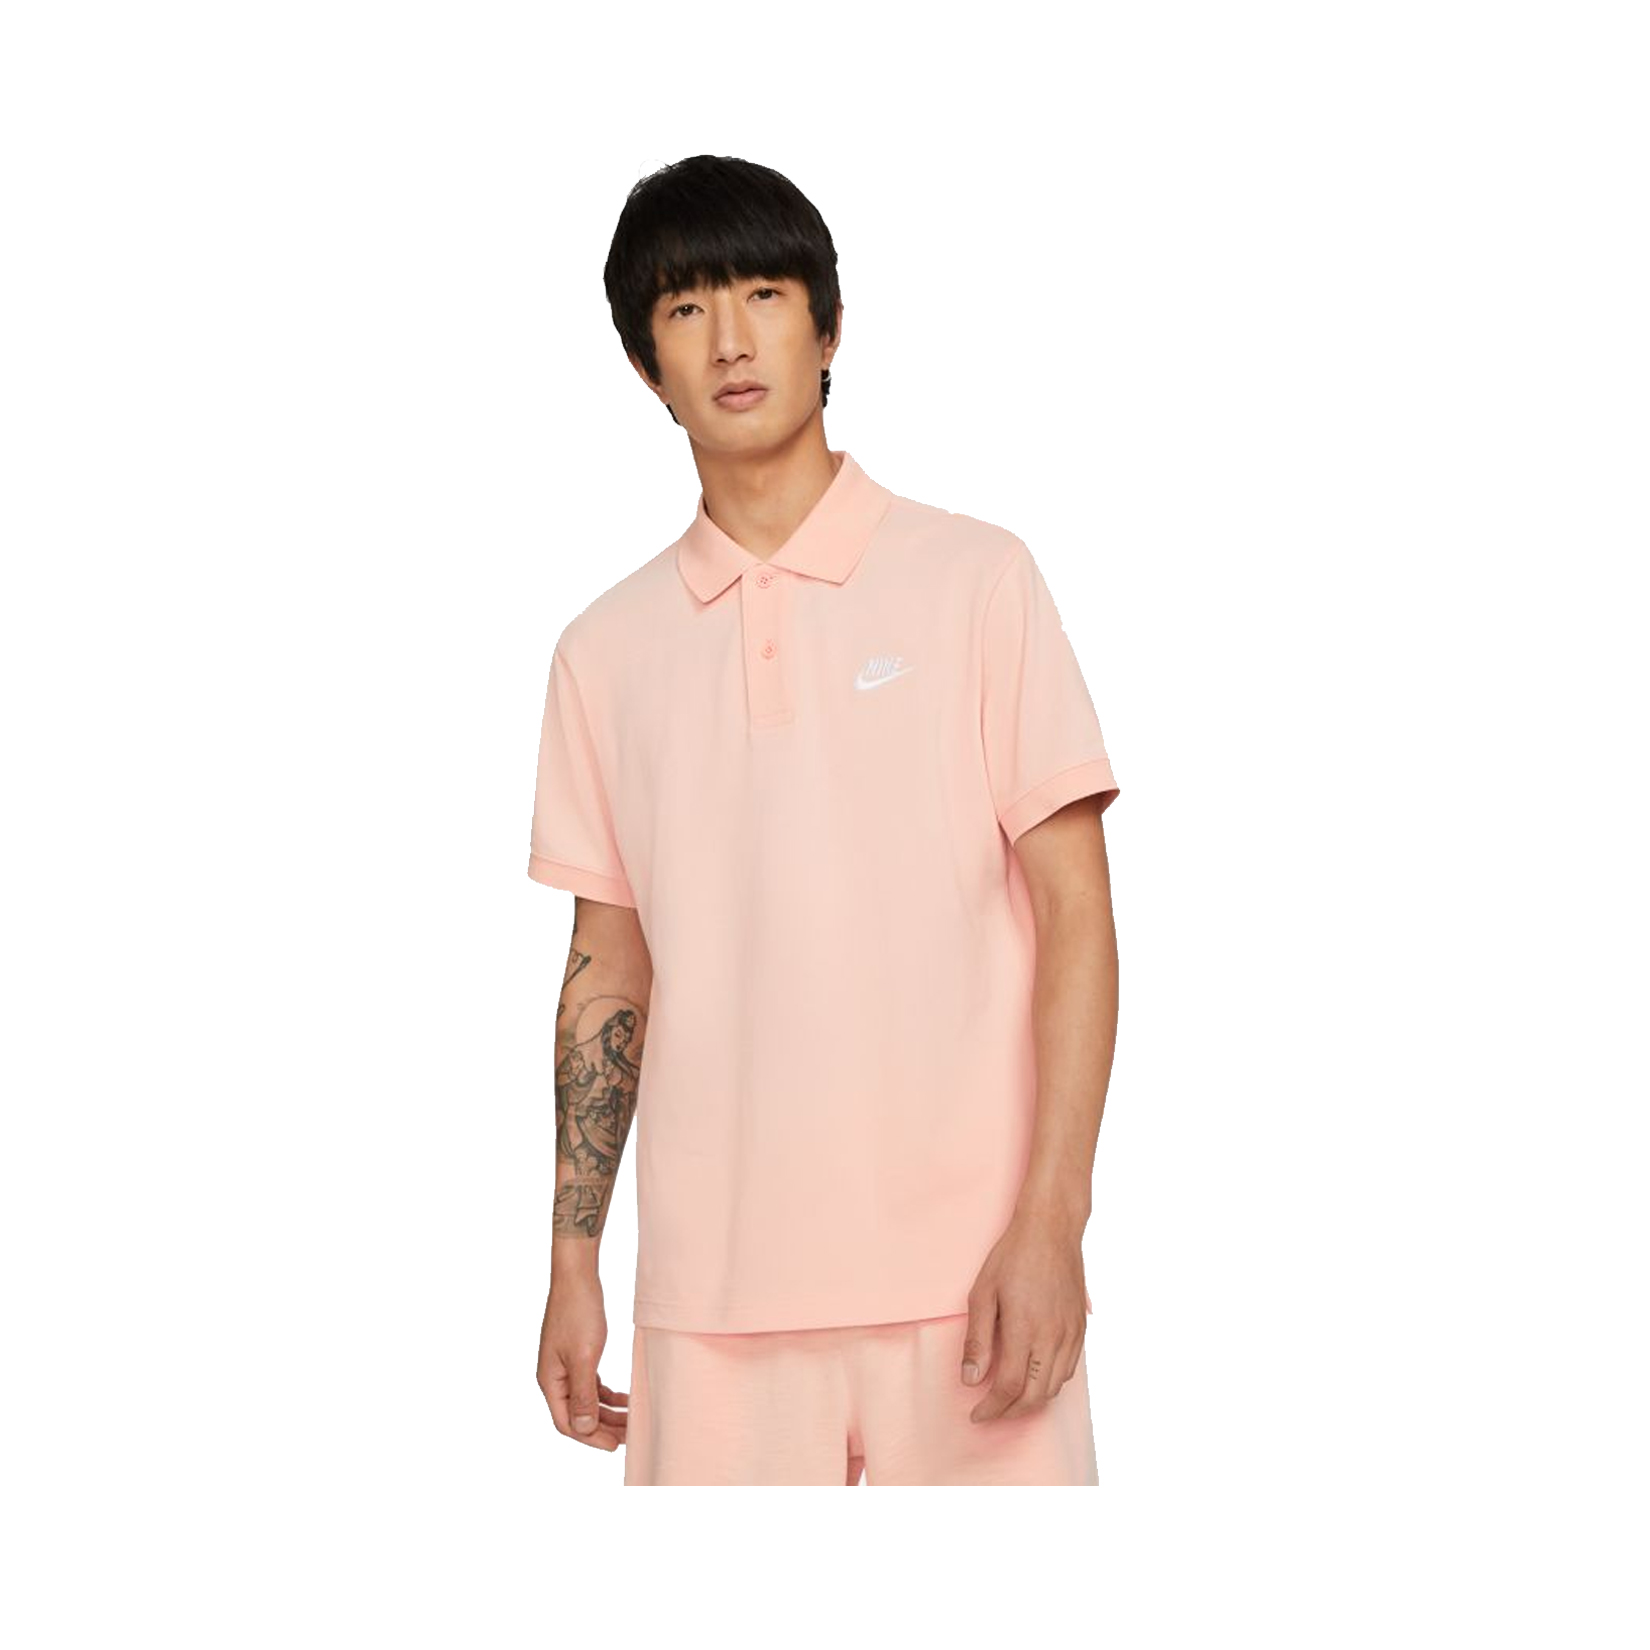 Nike Sportswear Polo M Tee Peach